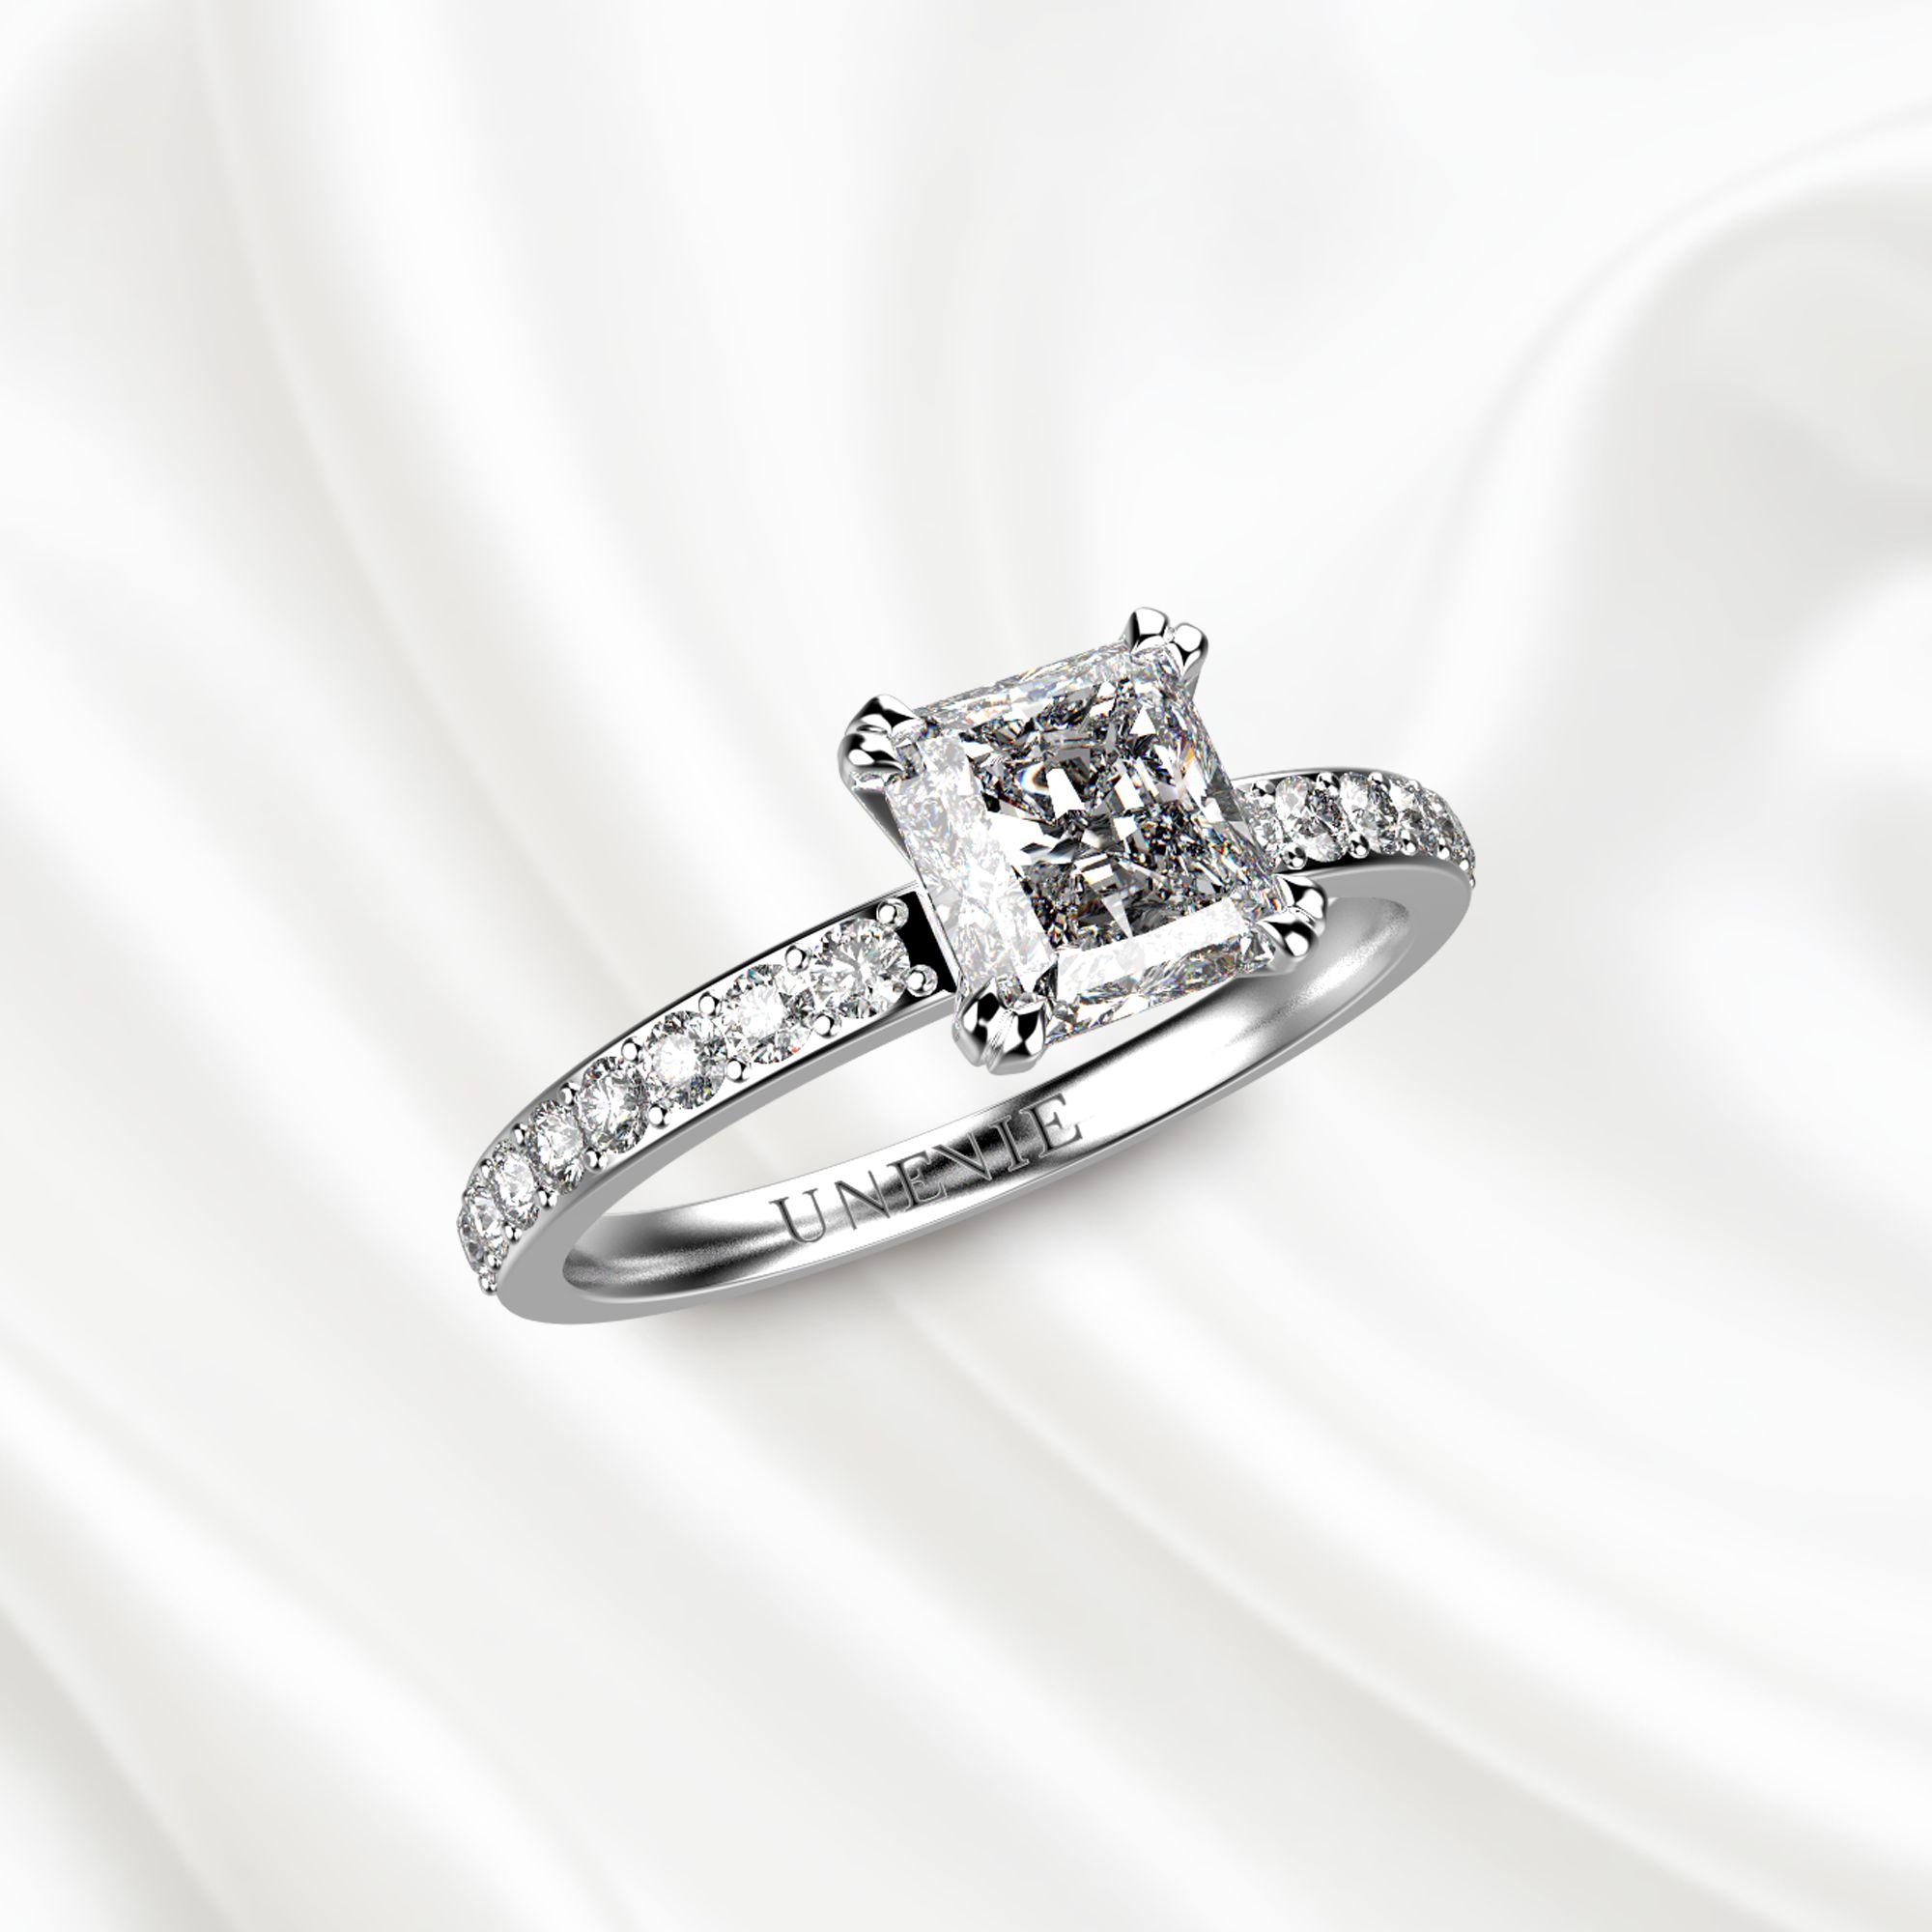 N5 Помолвочное кольцо из белого золота с бриллиантом 1 карат